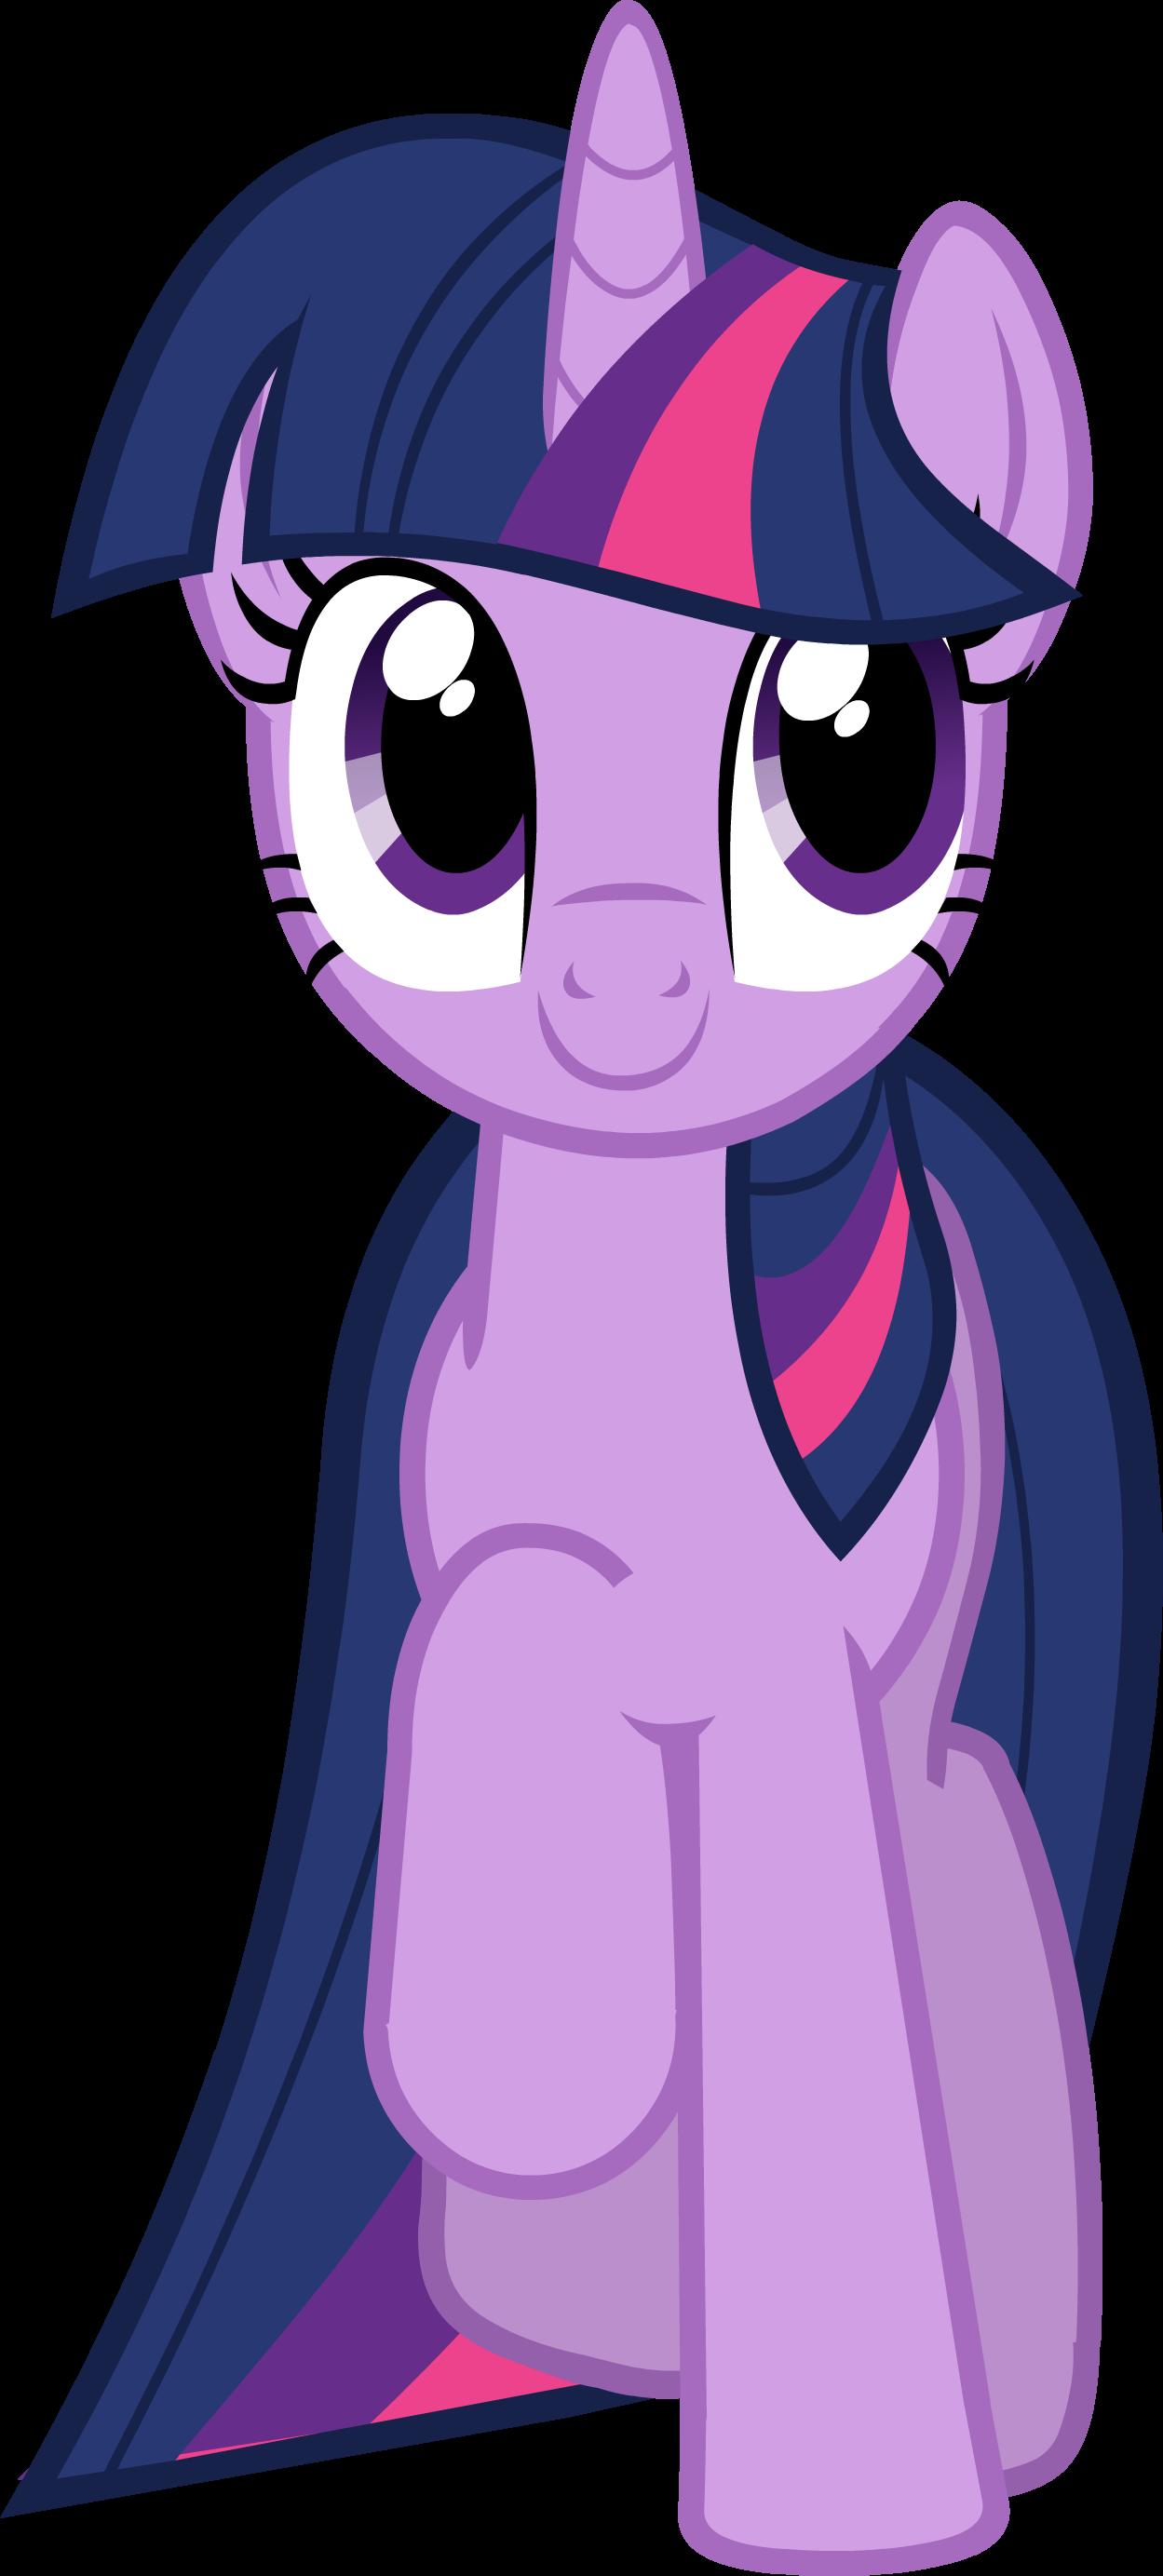 Pinkie Pie Friends 2 S2e18 Png My Little Pony Twilight My Little Pony Party My Lil Pony